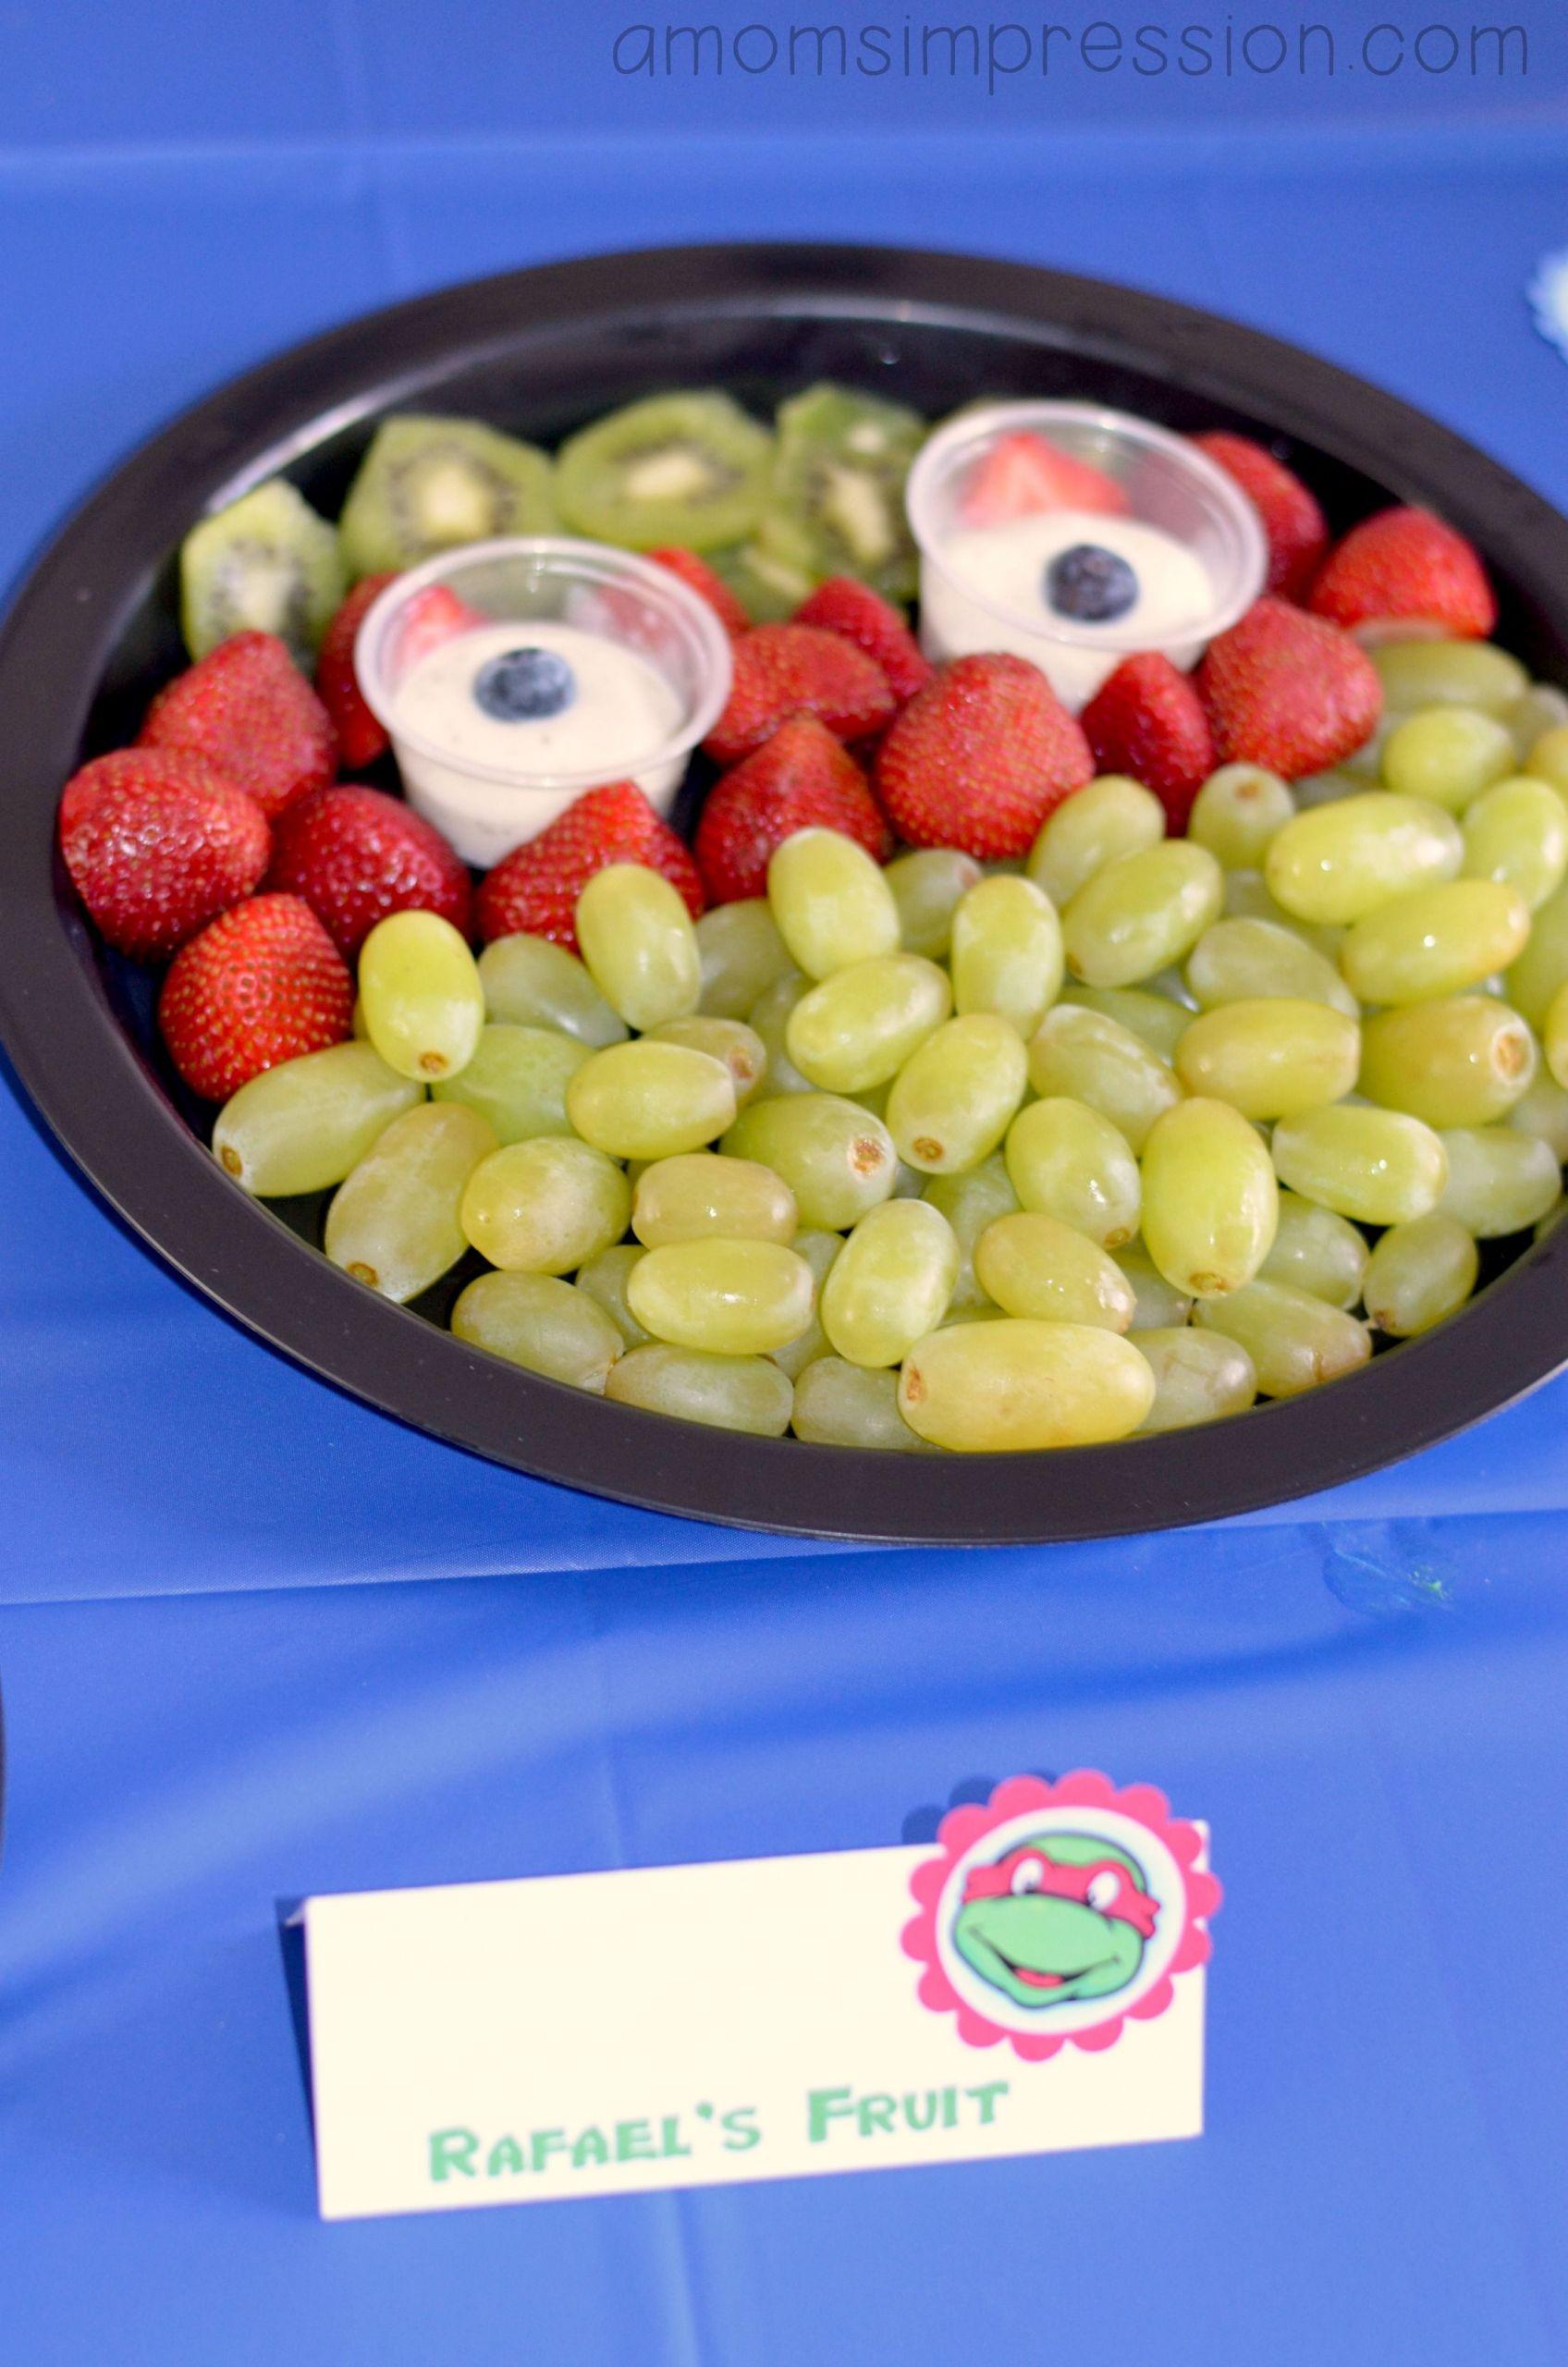 Ninja Turtle Birthday Party Food Ideas  Teenage Mutant Ninja Turtles Birthday Party food ideas